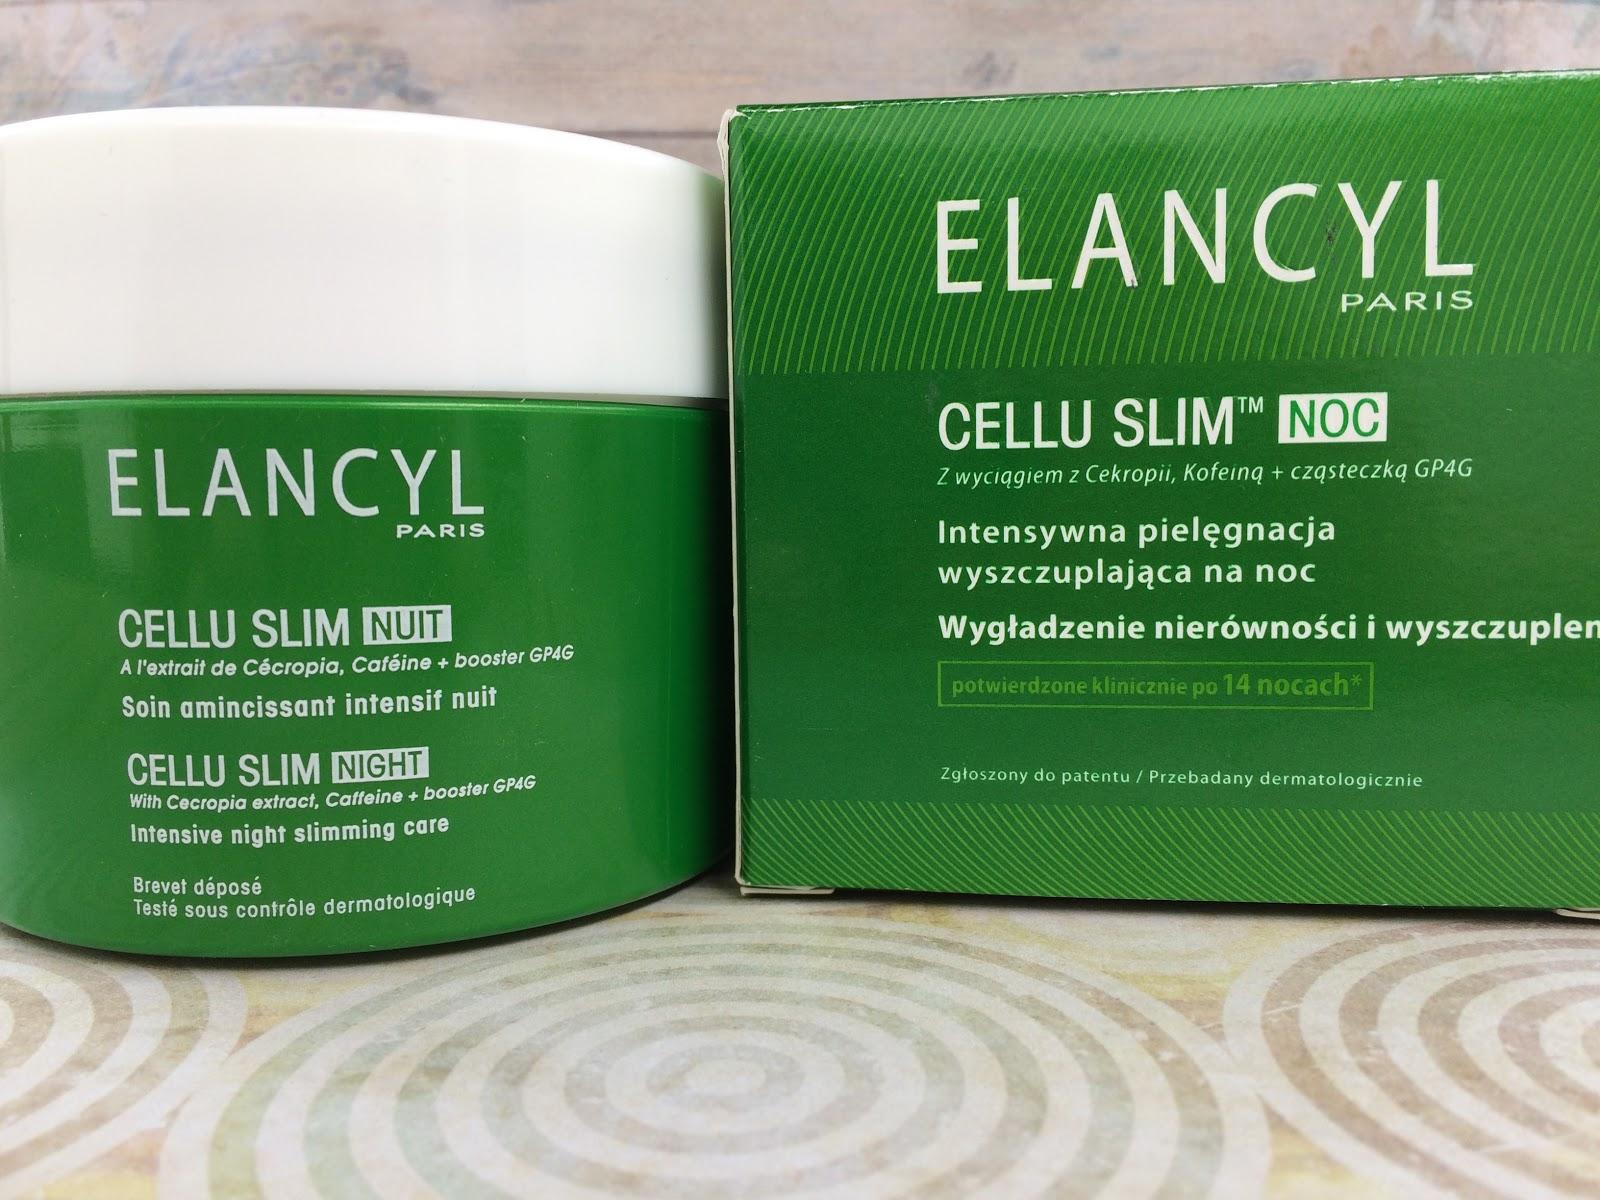 Elancyl Cellu Night Intensive Slimming